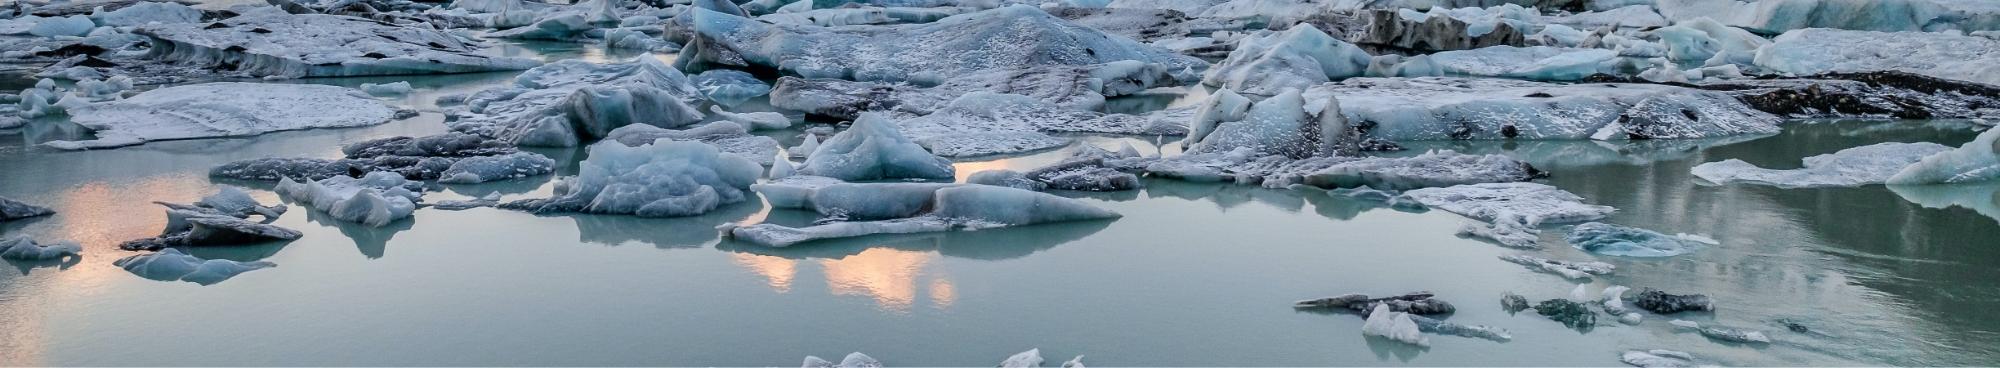 大気中の二酸化炭素濃度が増加